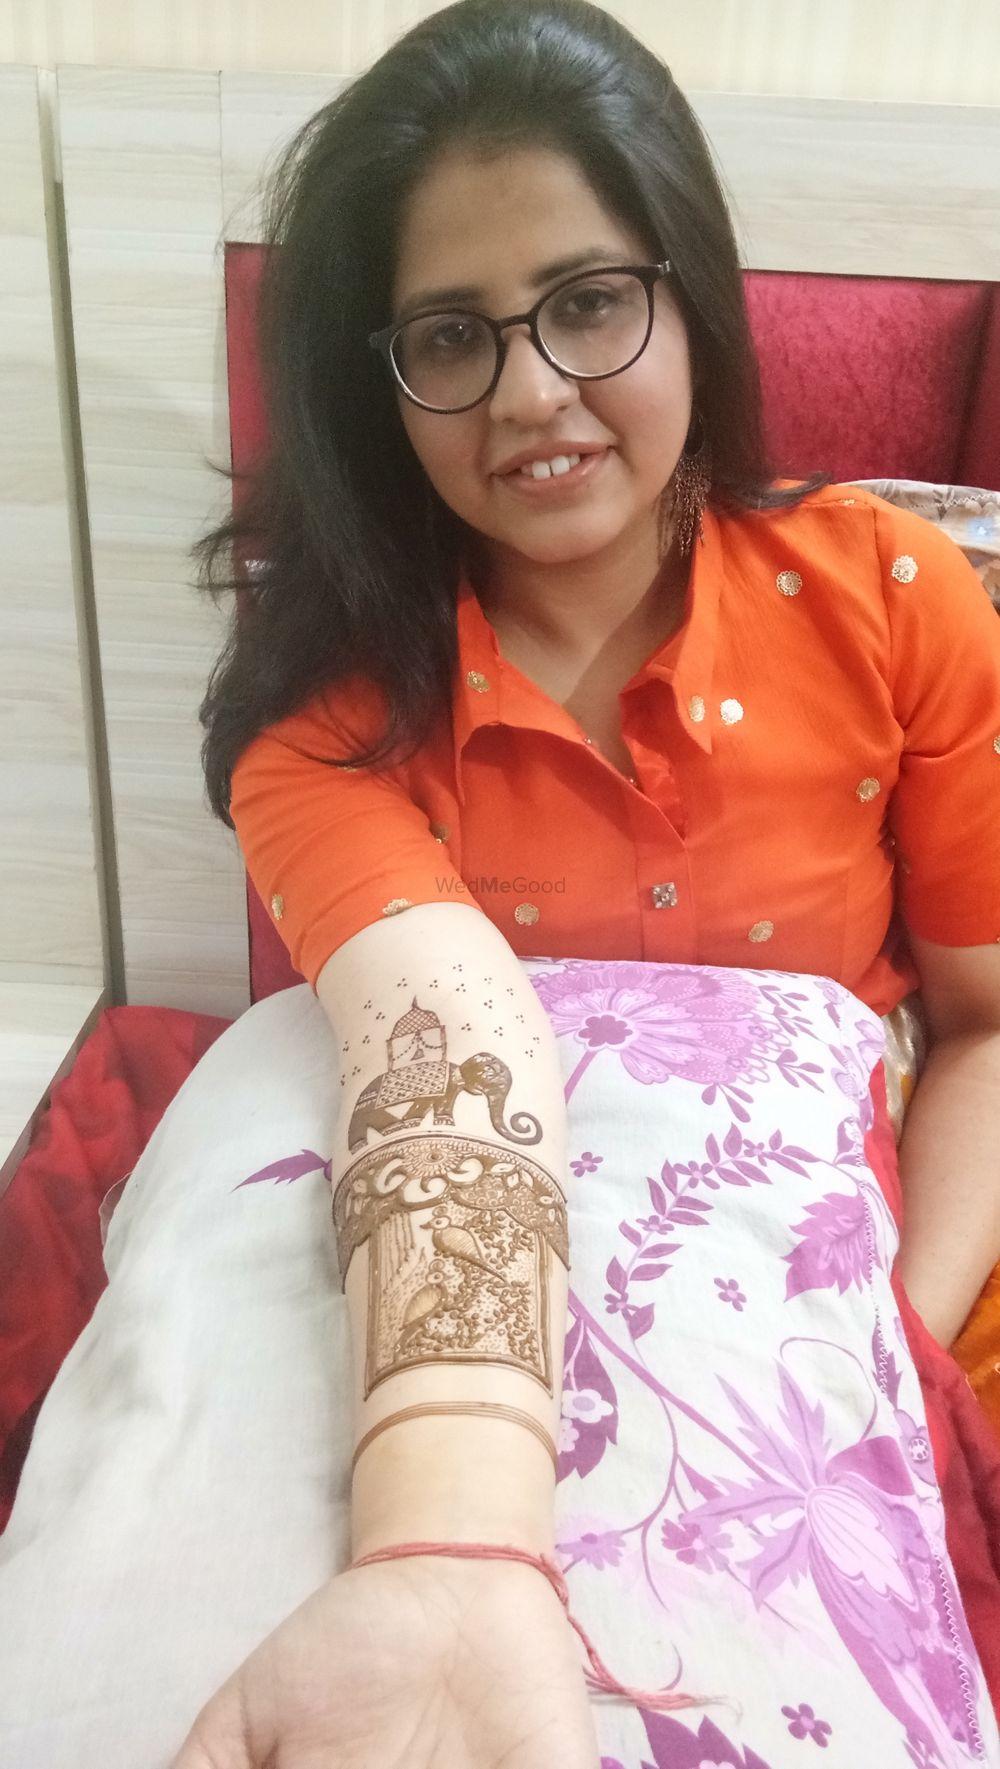 Photo From Mansi bridal mehendi at Adarsh nagar on 12th dec 2019 - By Shalini Mehendi Artist